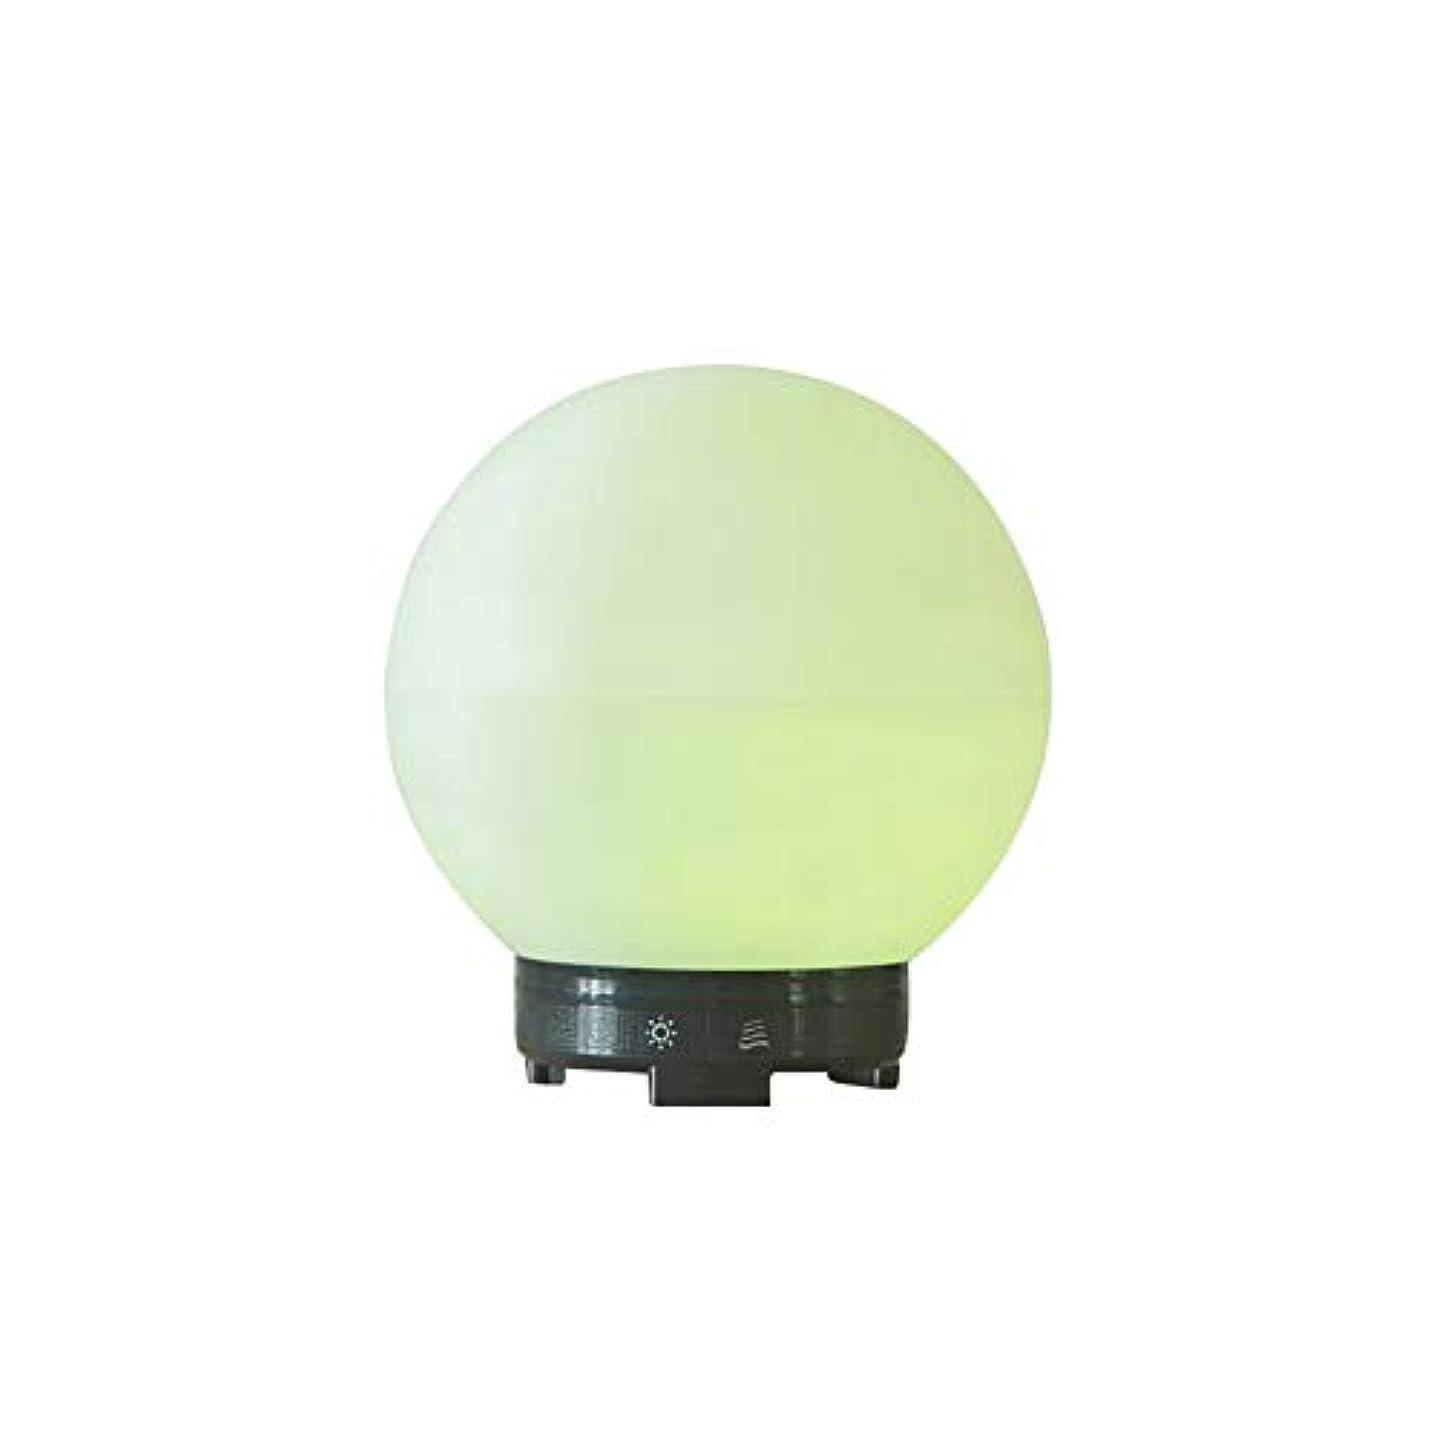 影響する疲労雄弁なエッセンシャルオイルディフューザーと加湿器、ミストエッセンシャルオイルアロマ加湿器用の超音波アロマディフューザー、7色LEDライト